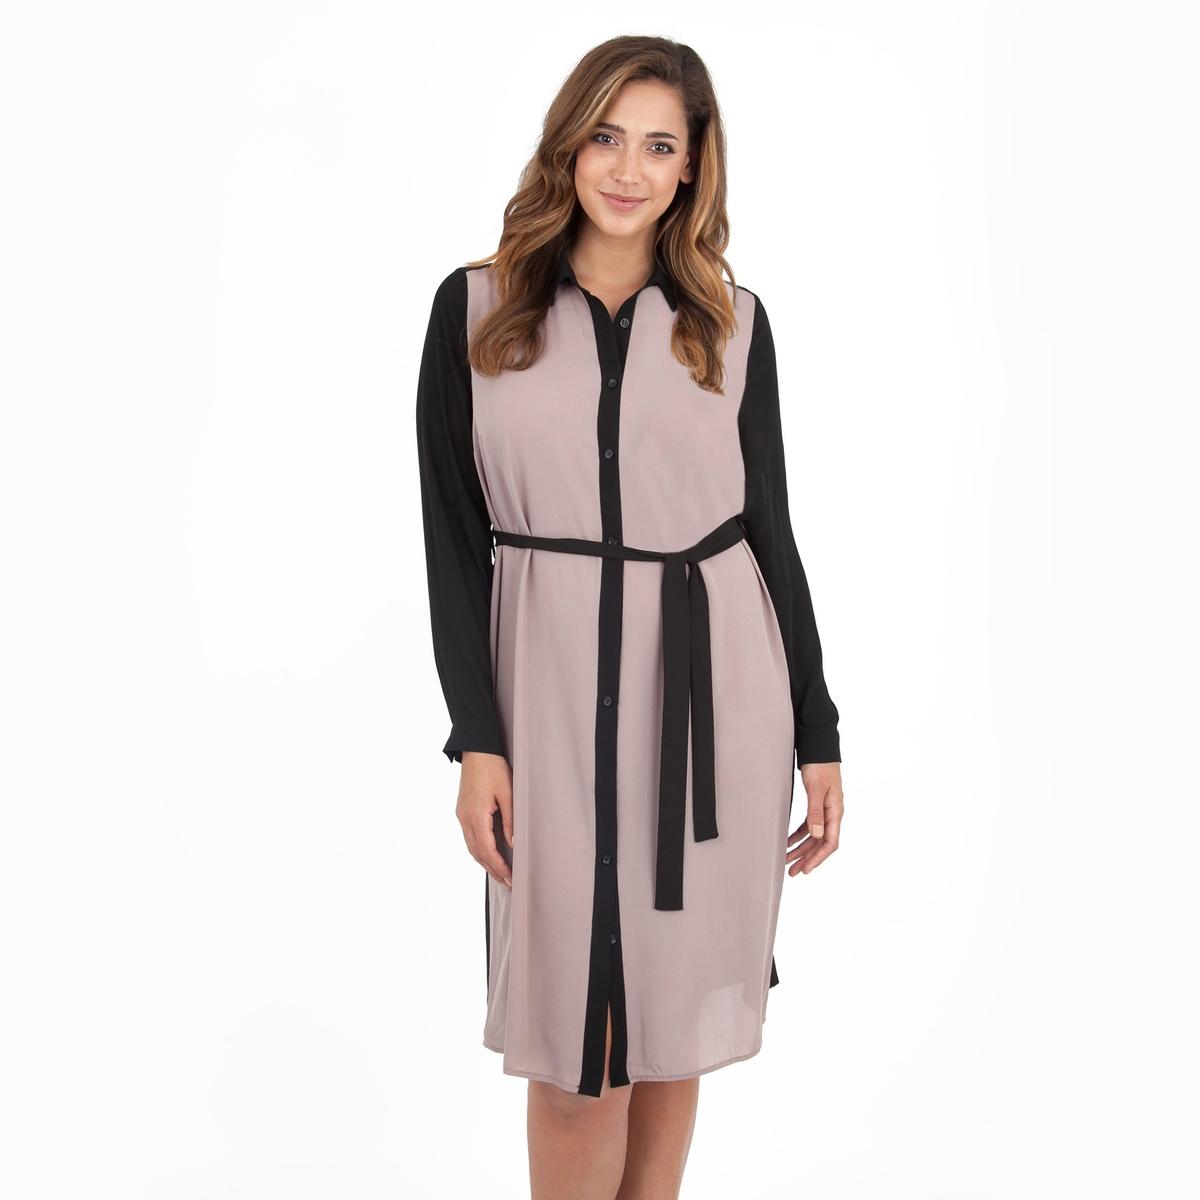 Платье-рубашкаПлатье с длинными рукаавами - LOVEDROBE. Красивое платье-рубашка с ремнем на поясе. Длина ок.104 см. 100% полиэстера.<br><br>Цвет: бежевый/ черный